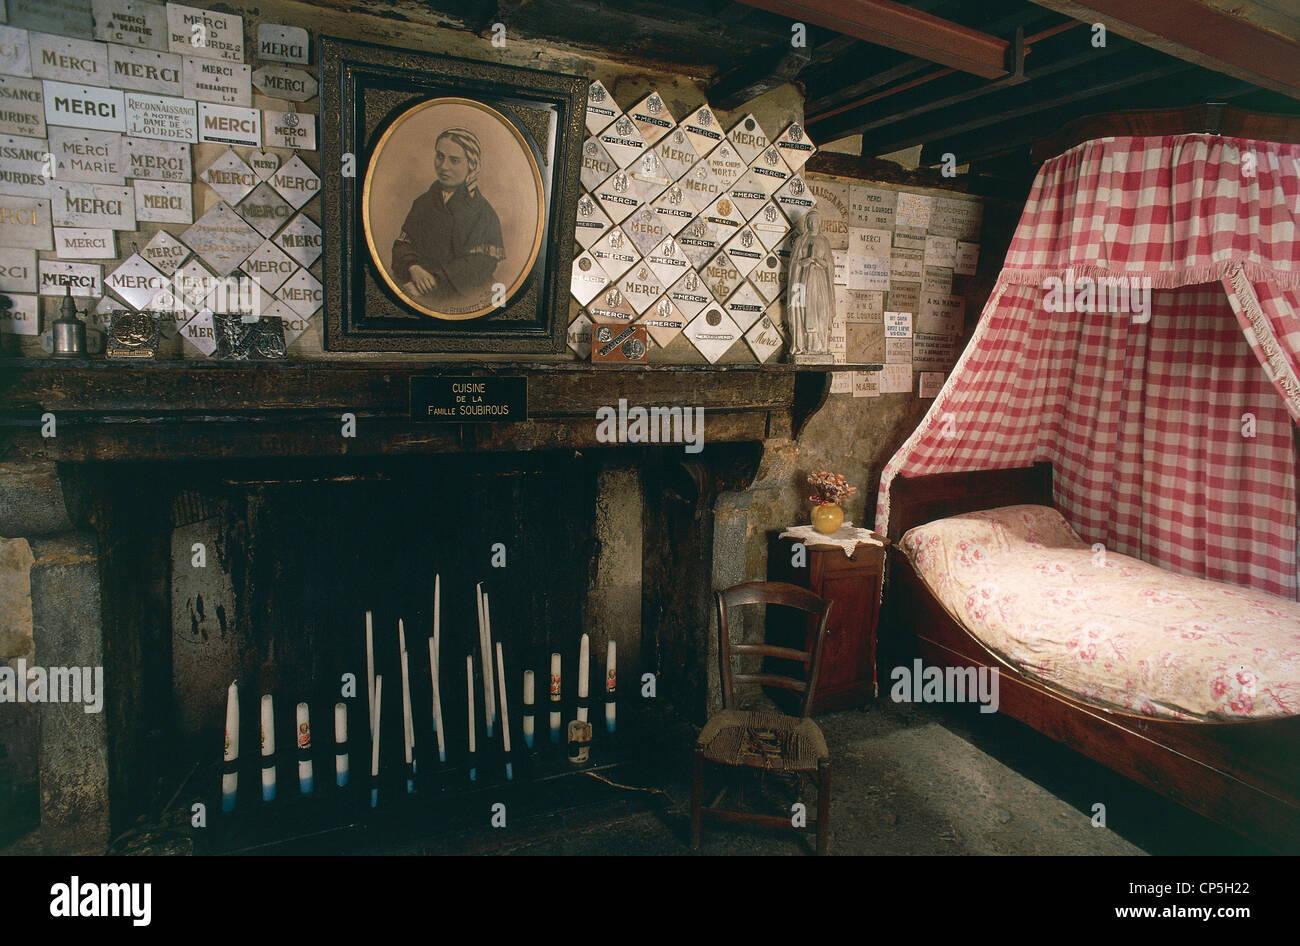 France Midi Pyrenees Lourdes Moulin Lacado Maison Familiale De Sainte Bernadette Soubirous L Interieur Photo Stock Alamy